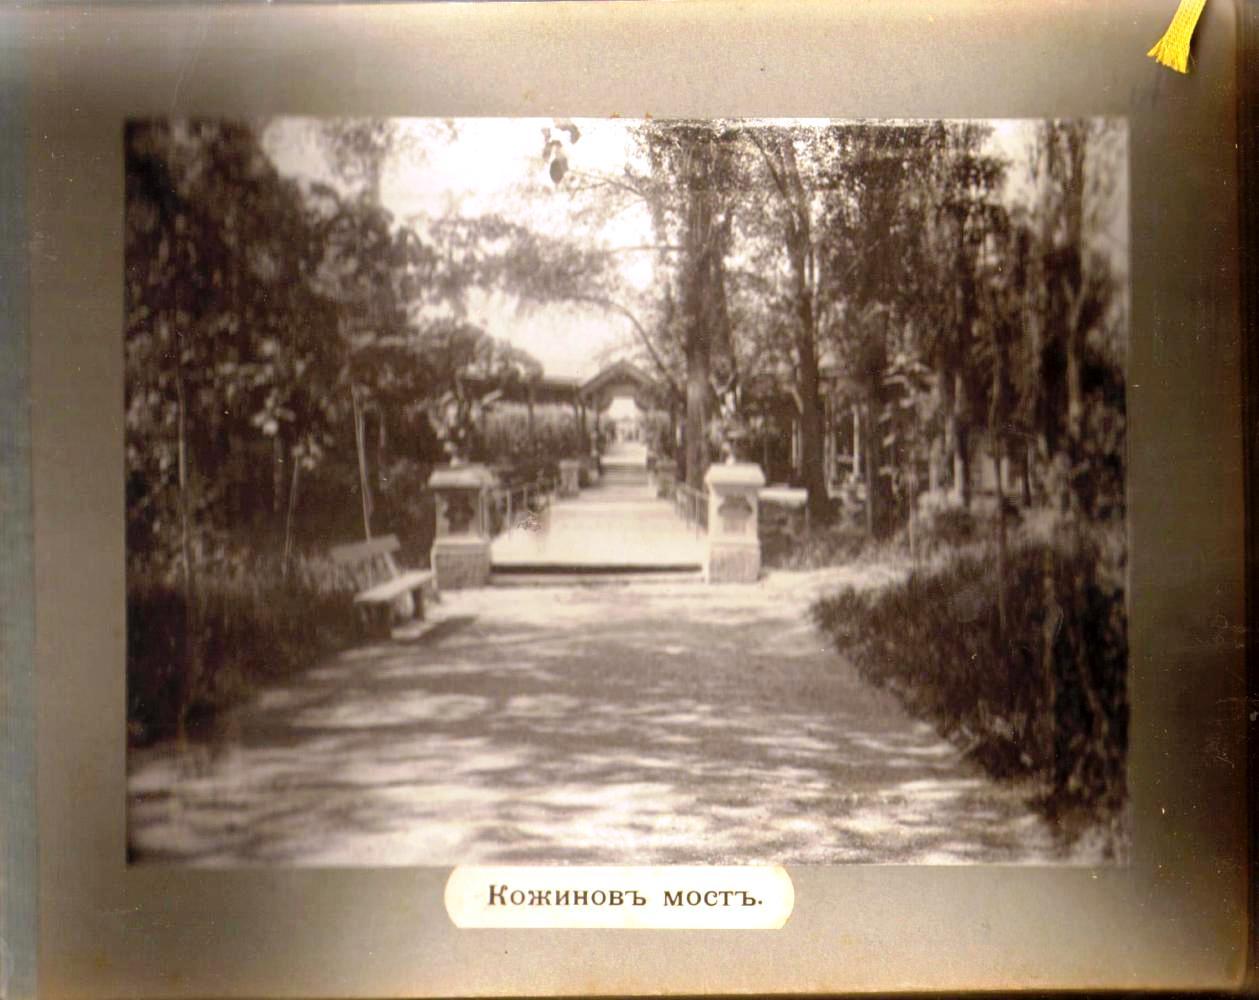 25. Кожинов мост